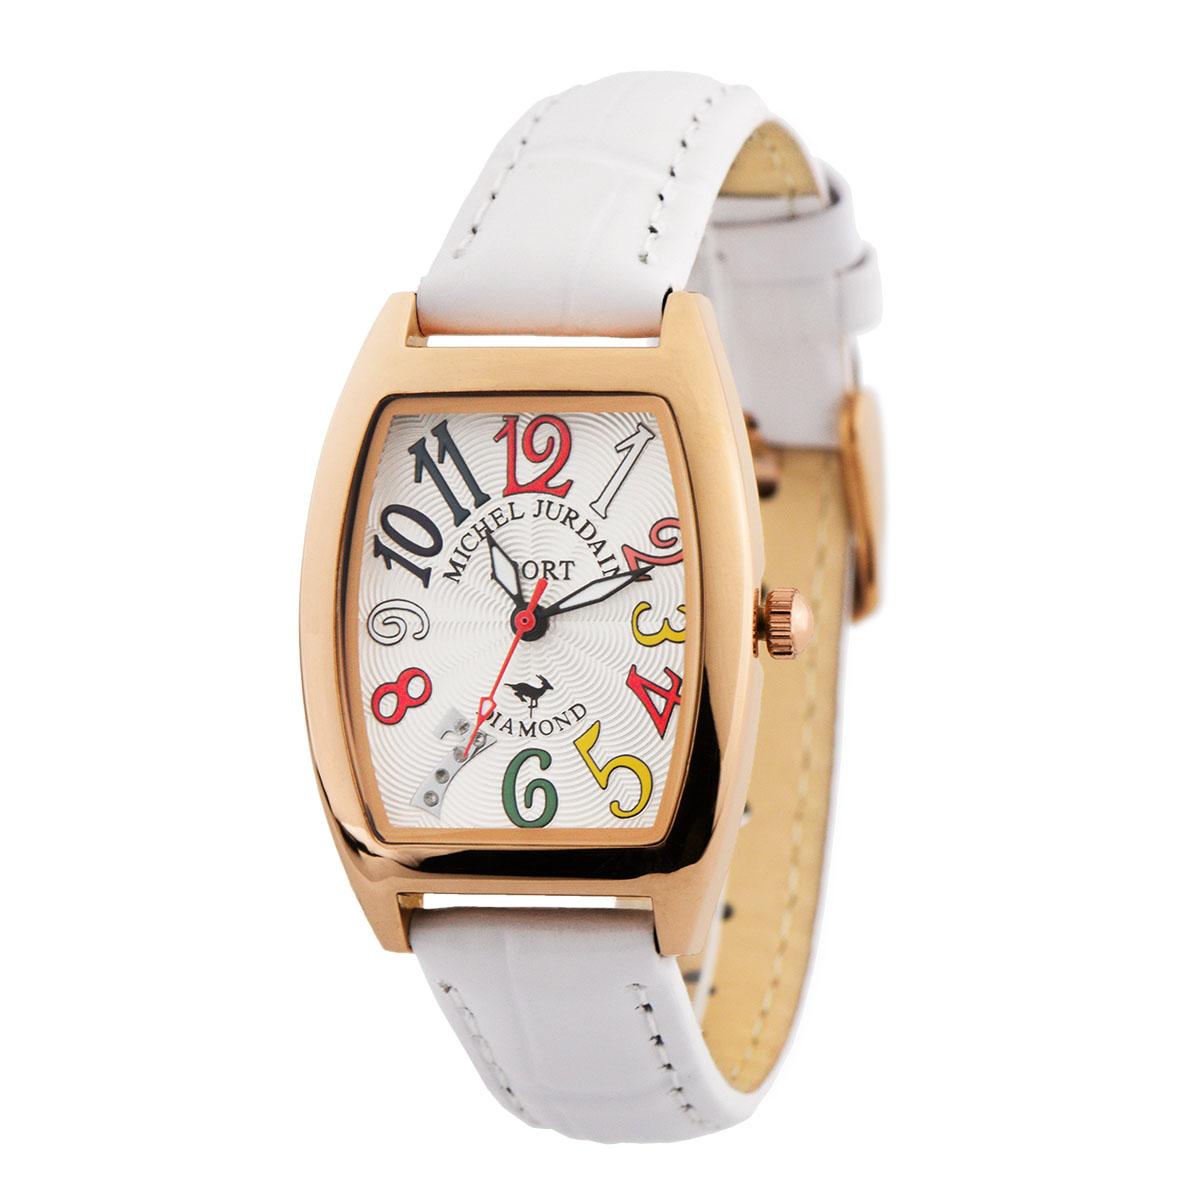 ミッシェル・ジョルダン MICHEL JURDAIN トノー型ダイヤモンド SL-1100-5 ユニセックス 時計 腕時計 クオーツ